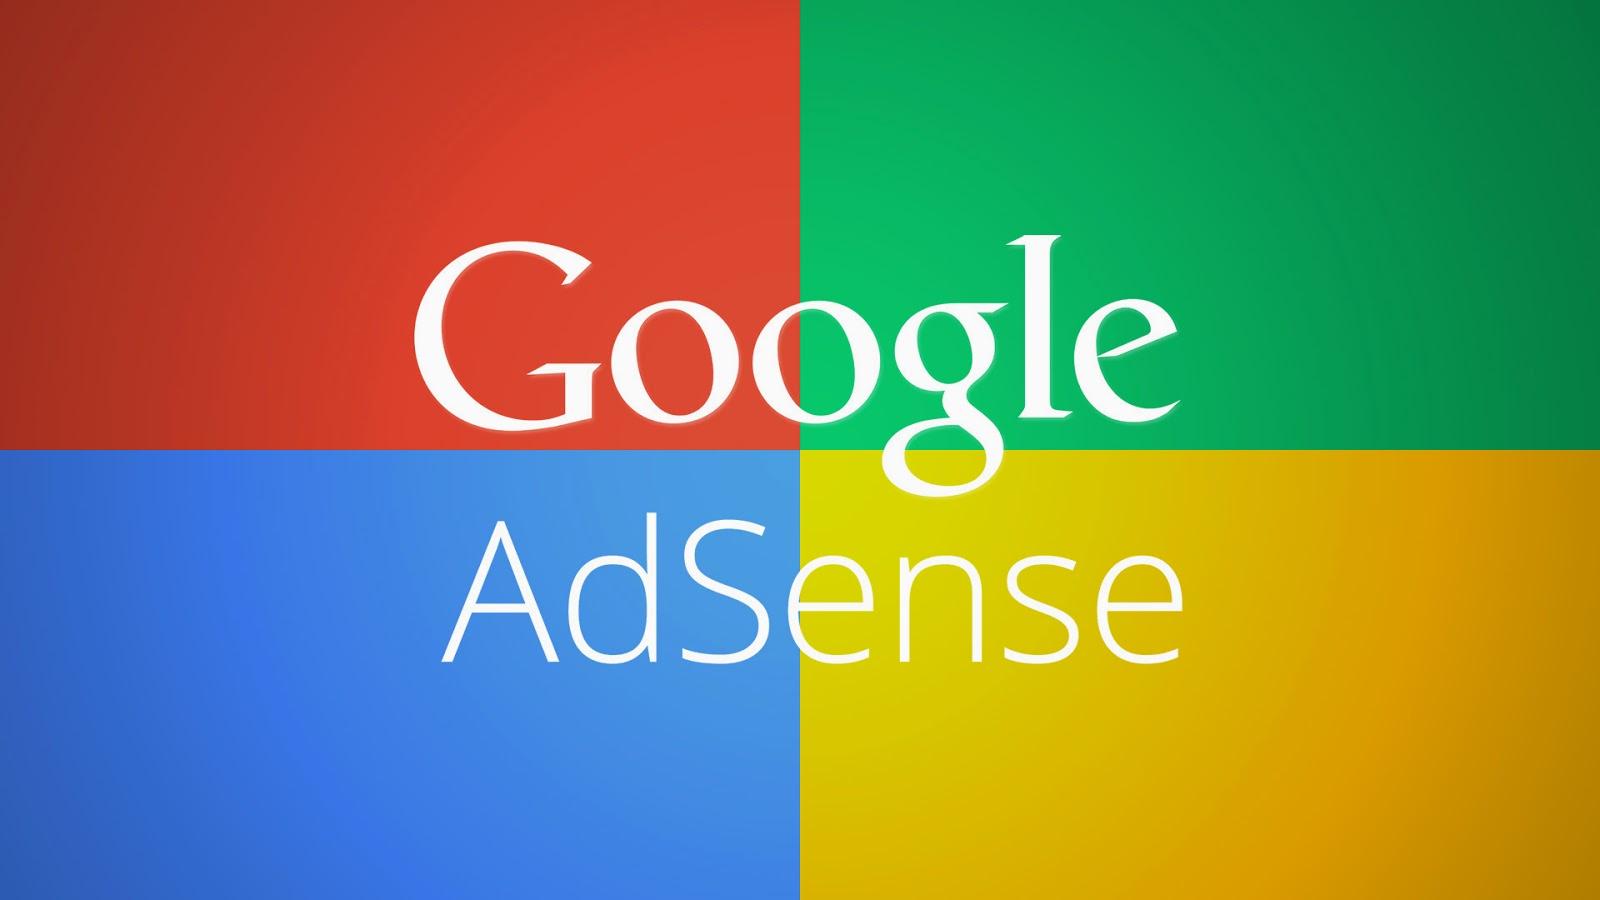 Aplikasi Google Adsense Untuk Android GoogleAdsense.apk